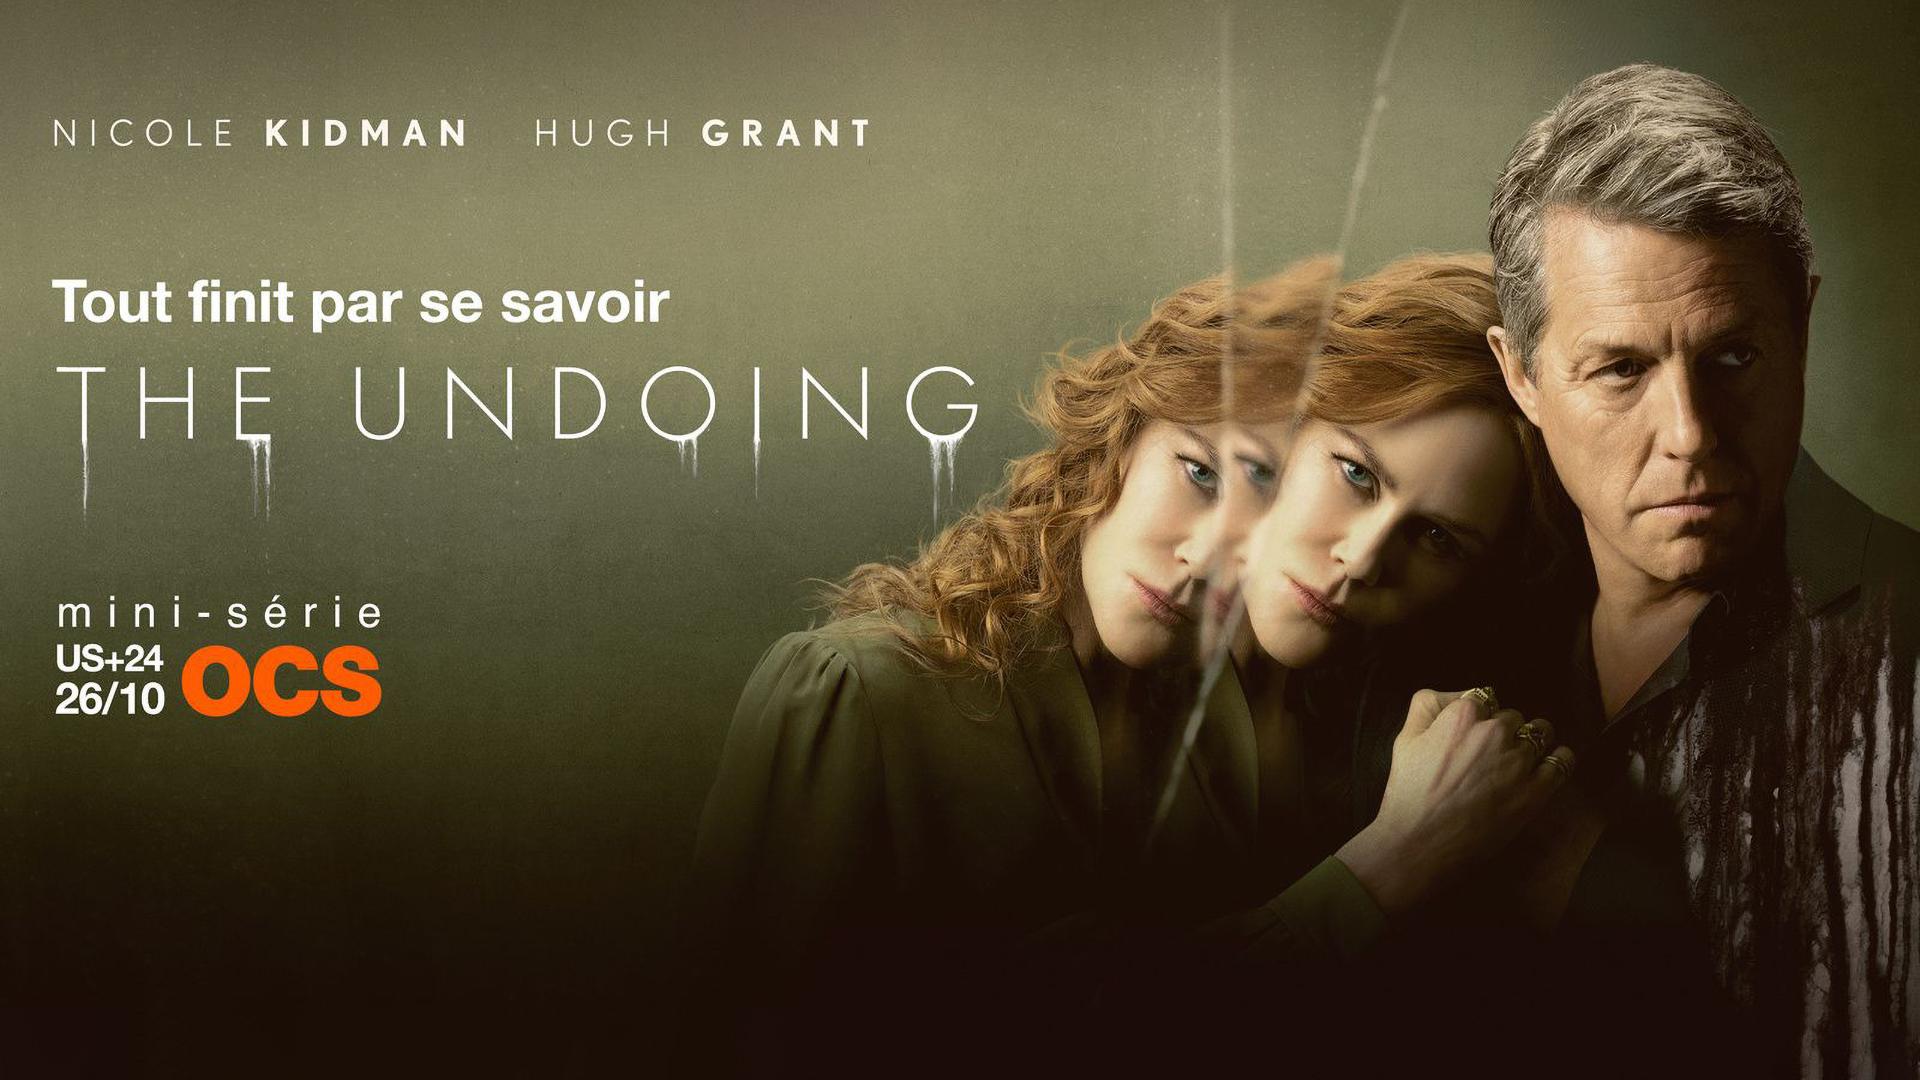 The Undoing - Nicole Kidman et Hugh Grant - Bande-annonce VOSTFR - Les séries de Pascal Bernheim